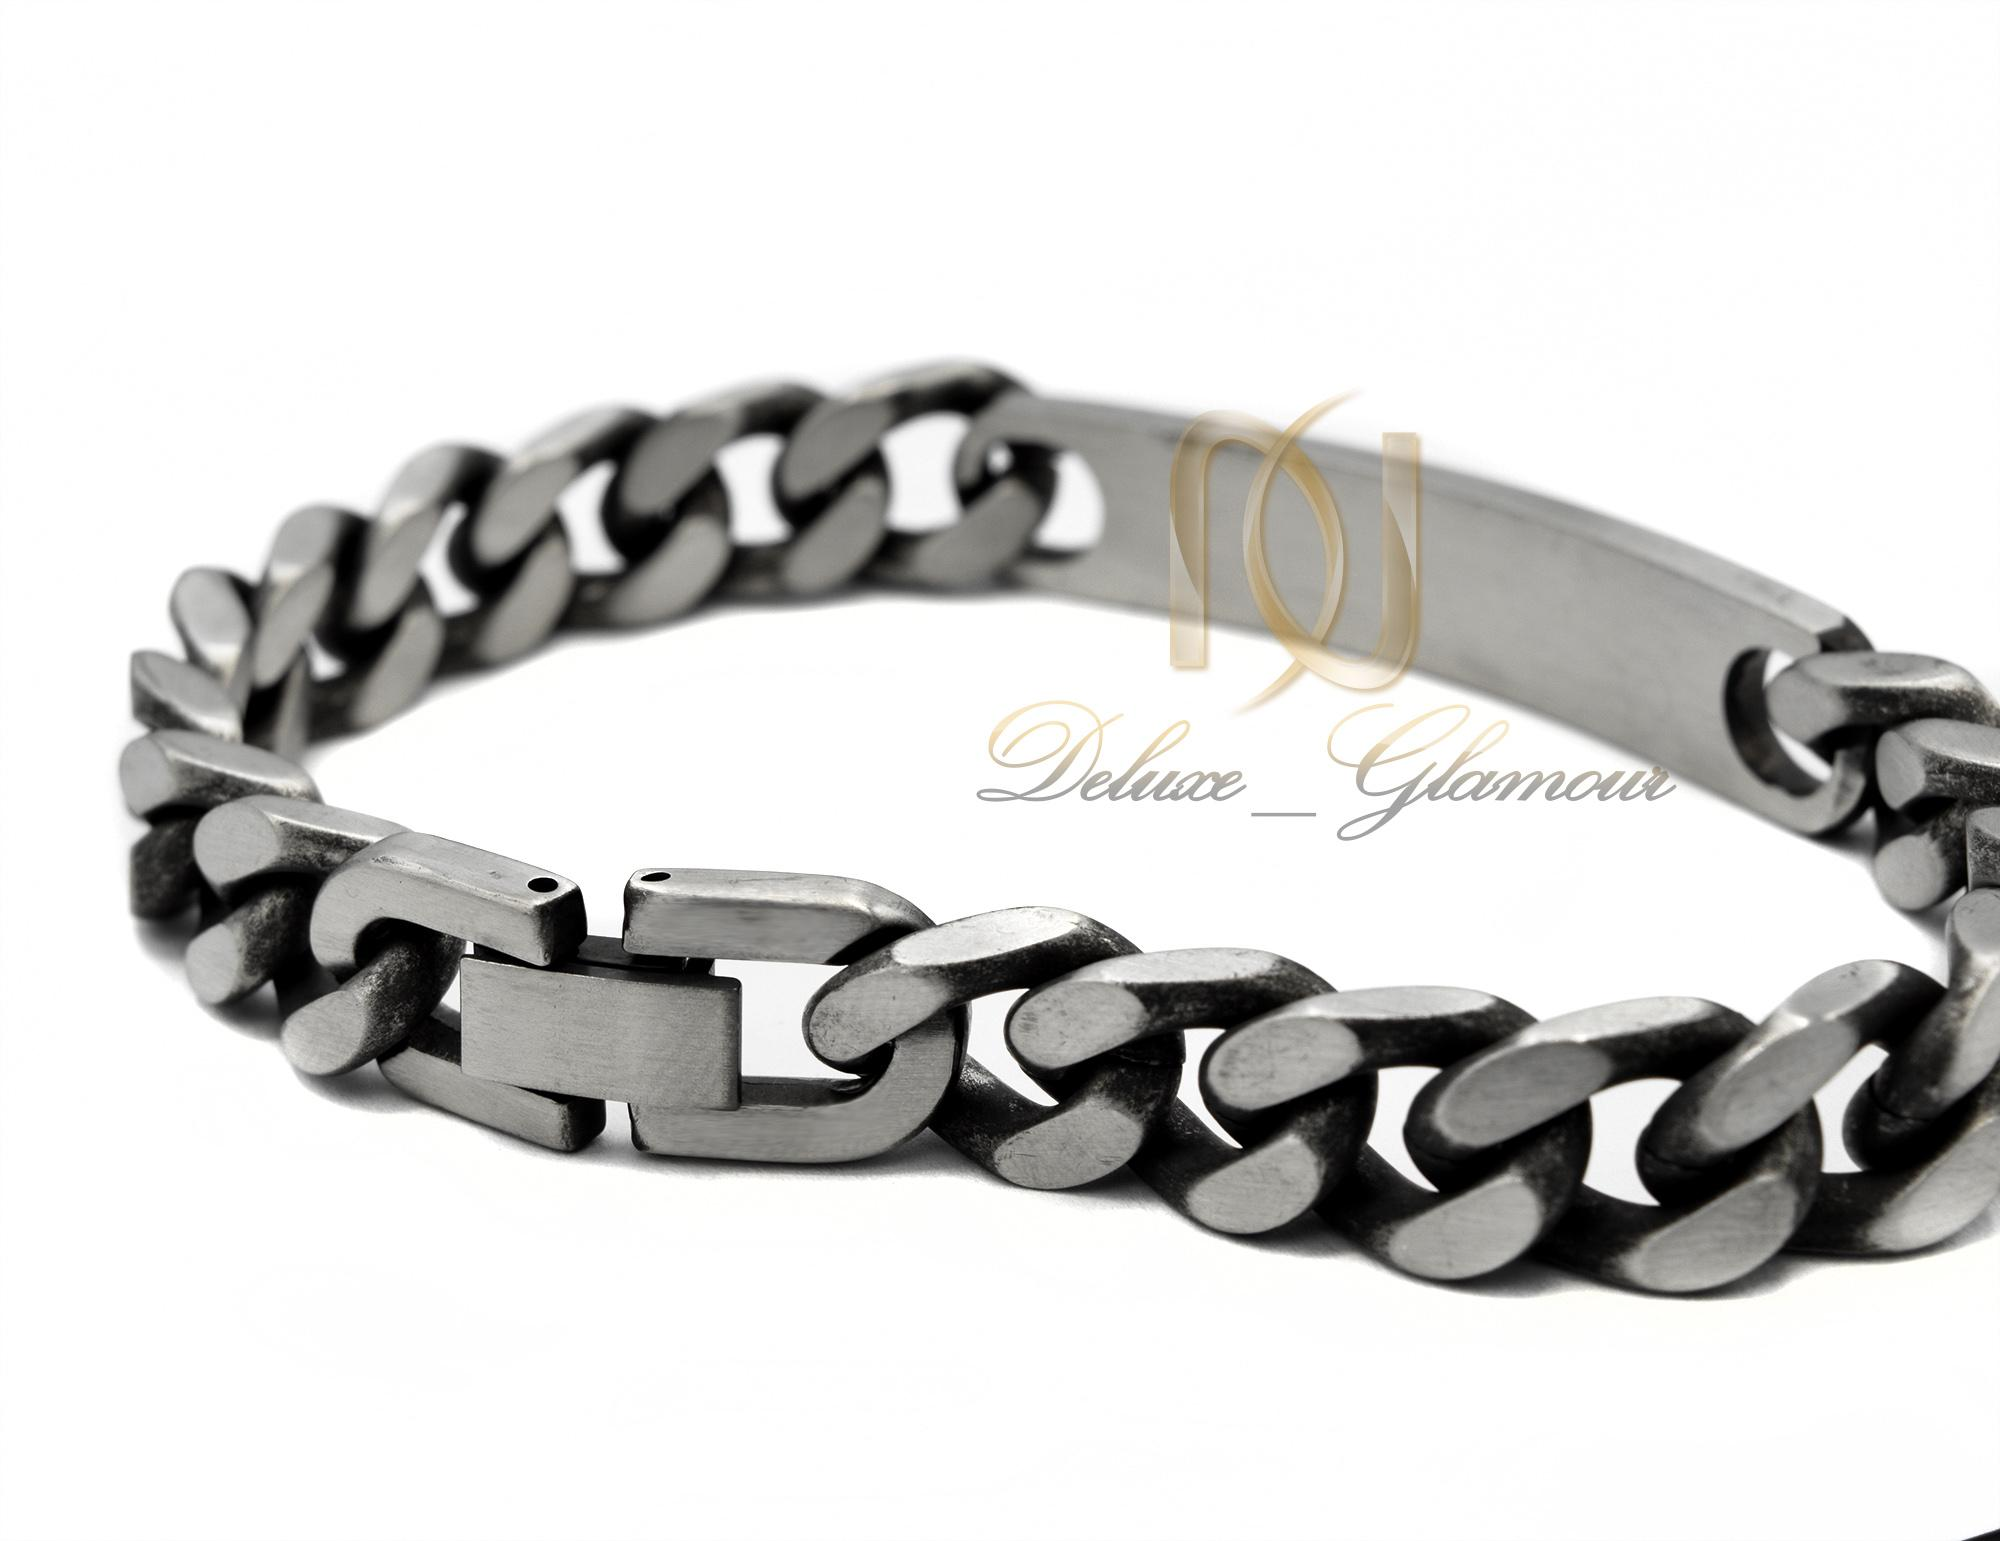 دستبند مردانه اسپرت طرح کارتیه ds-n386